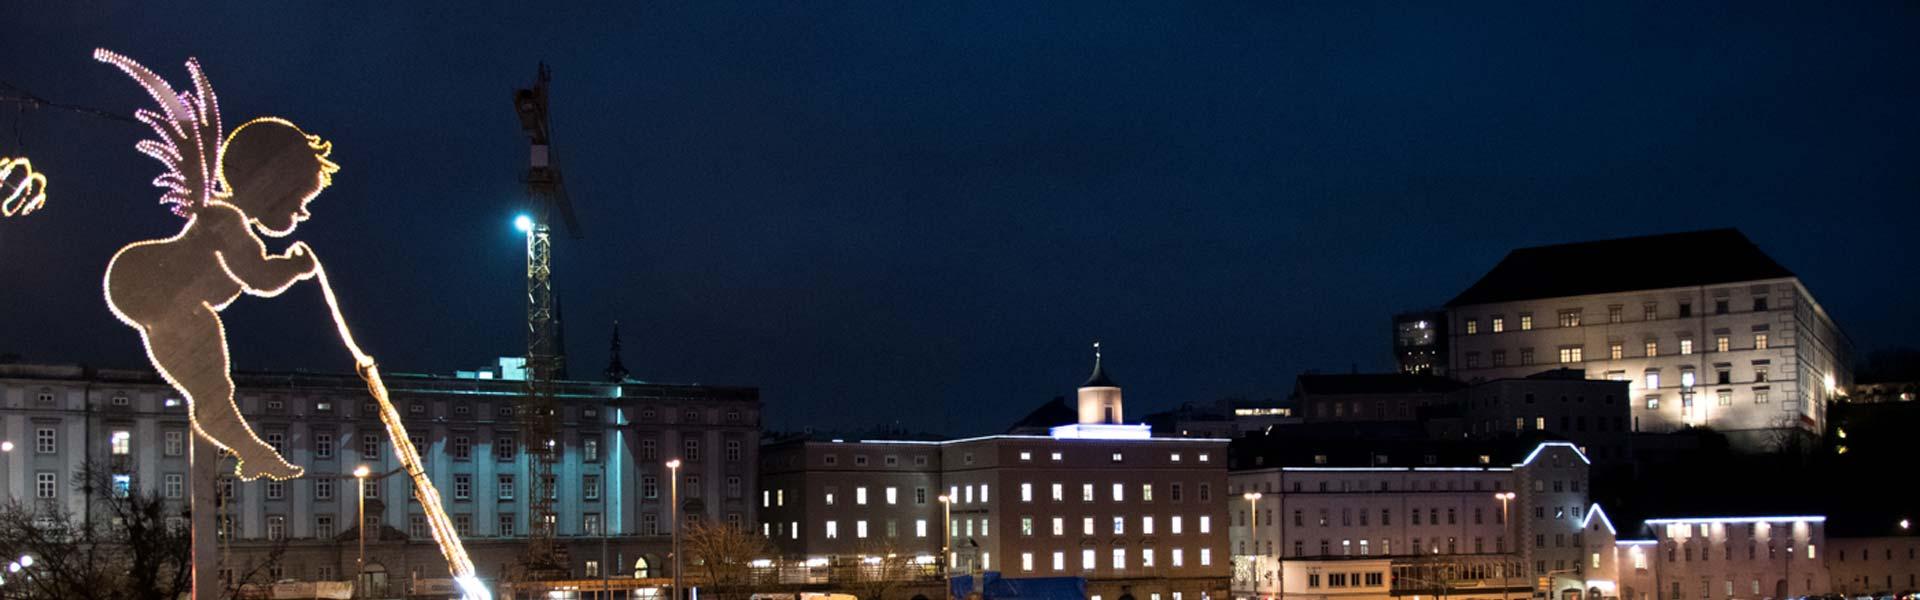 Linzer Engerl mit Schlossberg bei Nacht